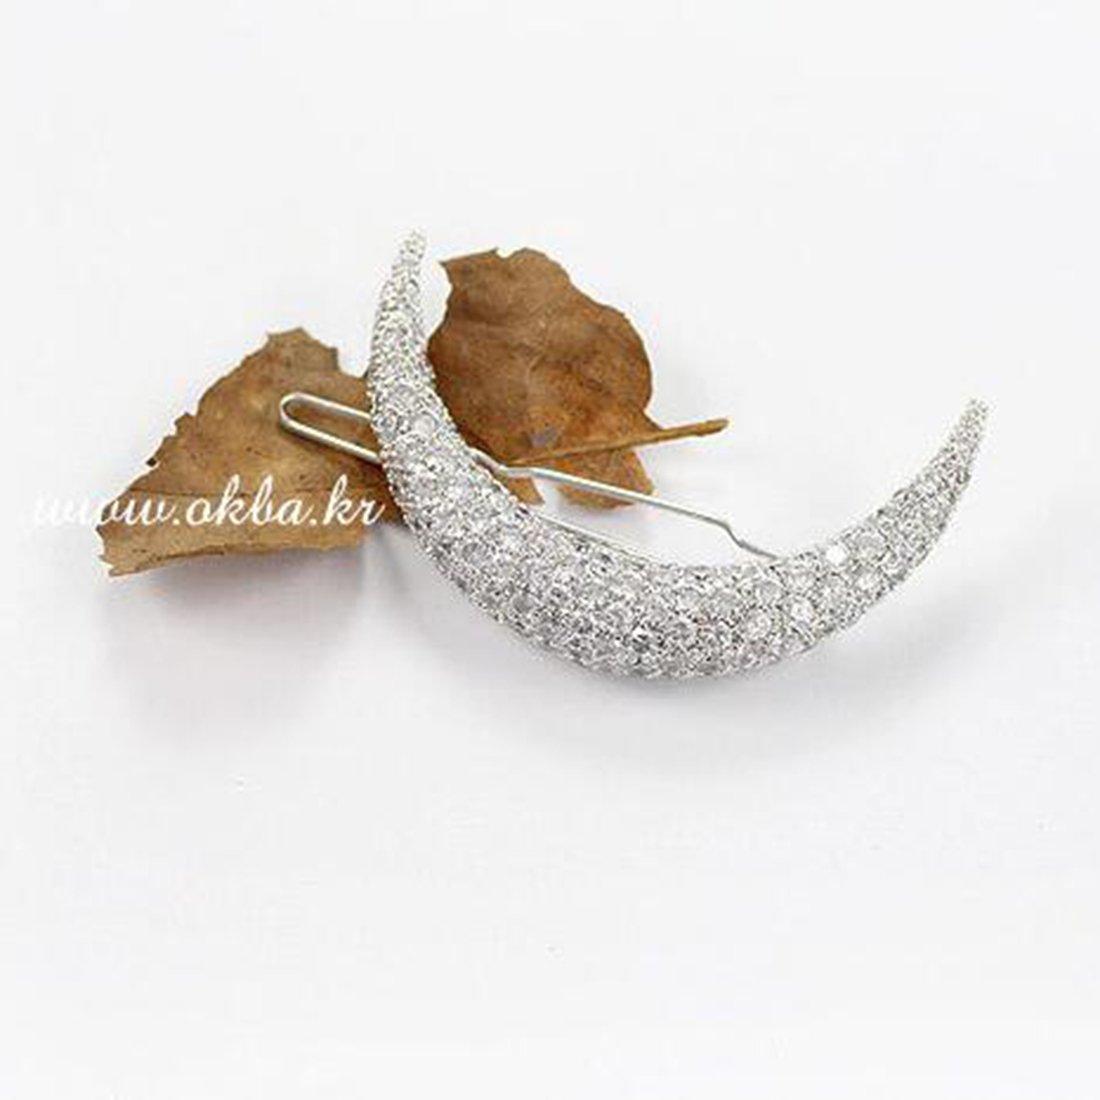 elegante Horquilla de pelo en Compatible Conma de media luna con diamantes de imitaci/ón